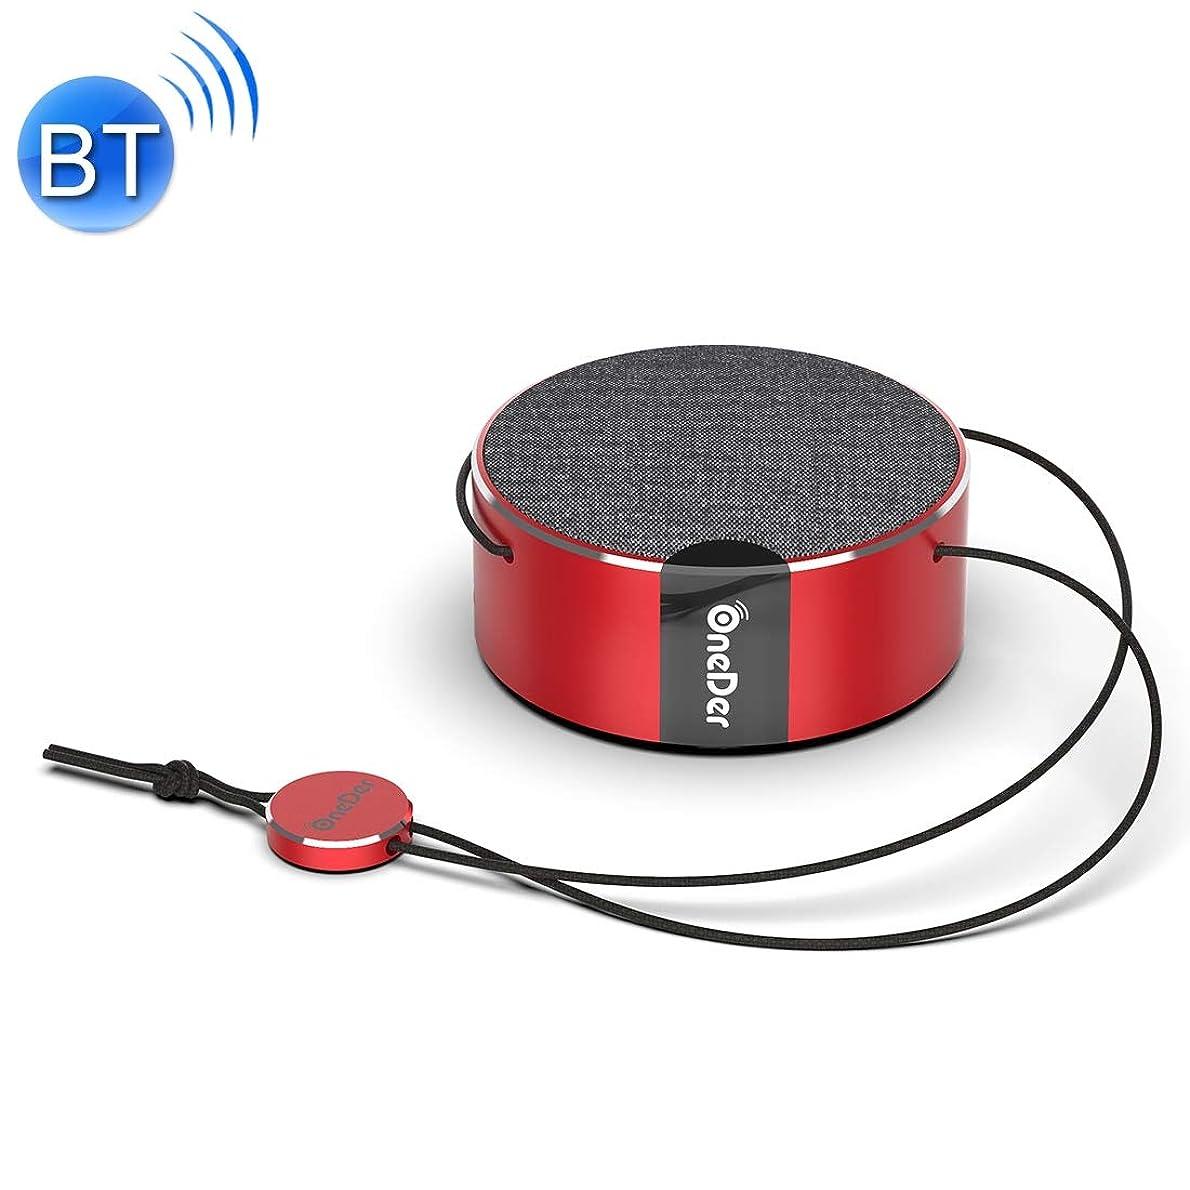 ストラトフォードオンエイボン計算する連続的Eryanone ストラップ付きサポートハンズフリー(ピンク)新しい、V12ミニスカートラジオのBluetoothスピーカー (色 : Red)